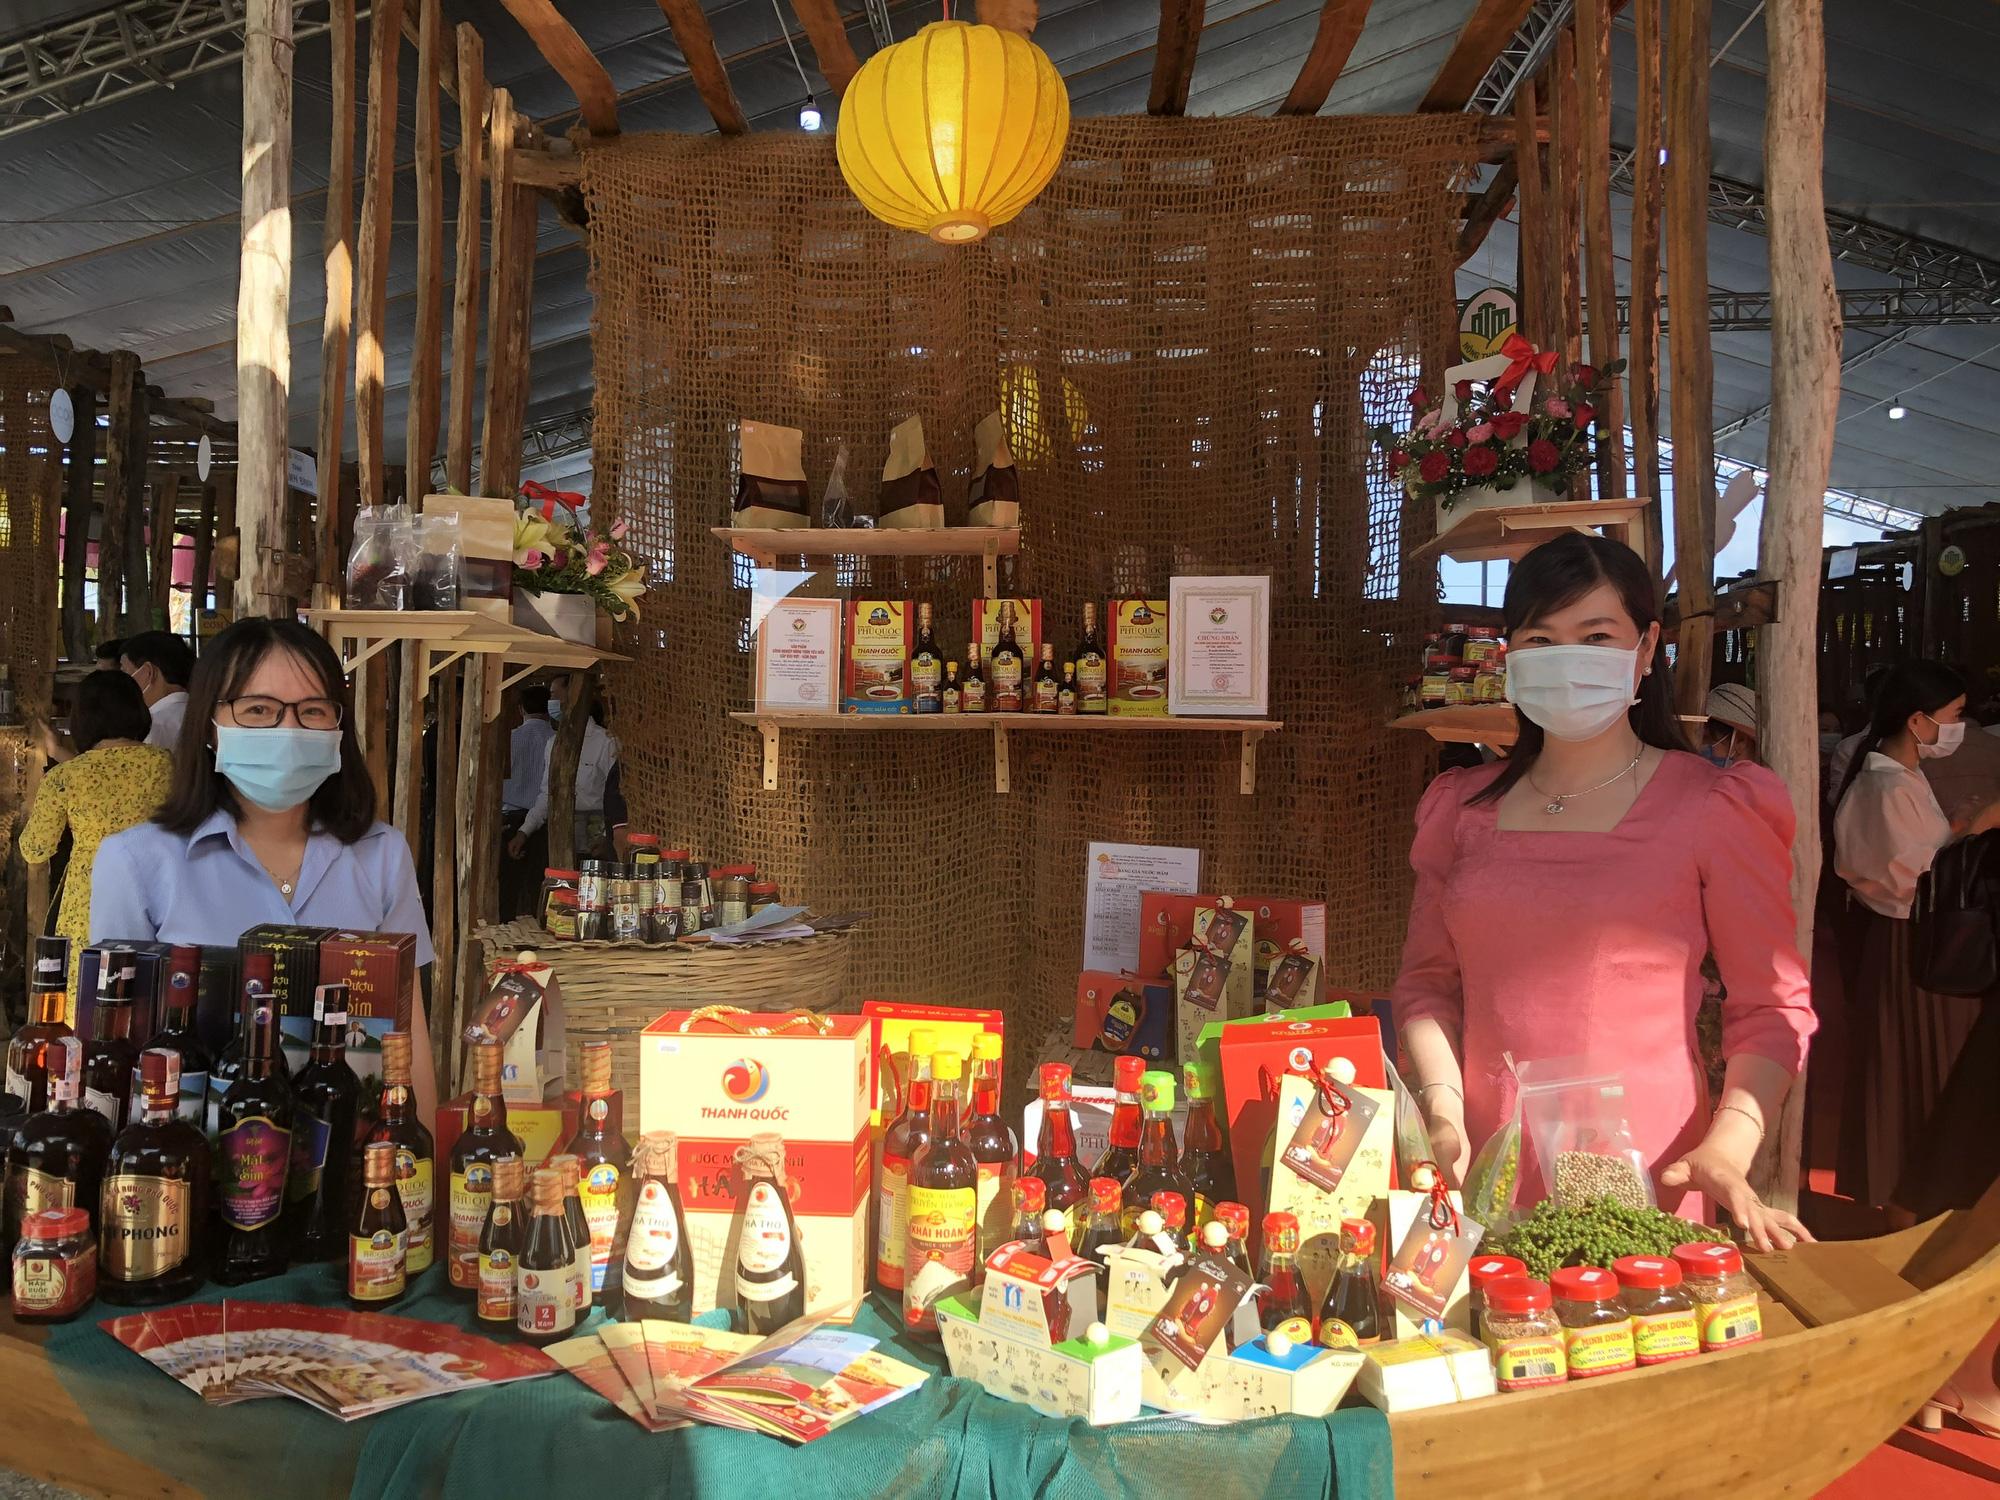 Hàng trăm sản phẩm OCOP – Hương sắc miền Tây hội tụ tại Phú Quốc - Ảnh 2.